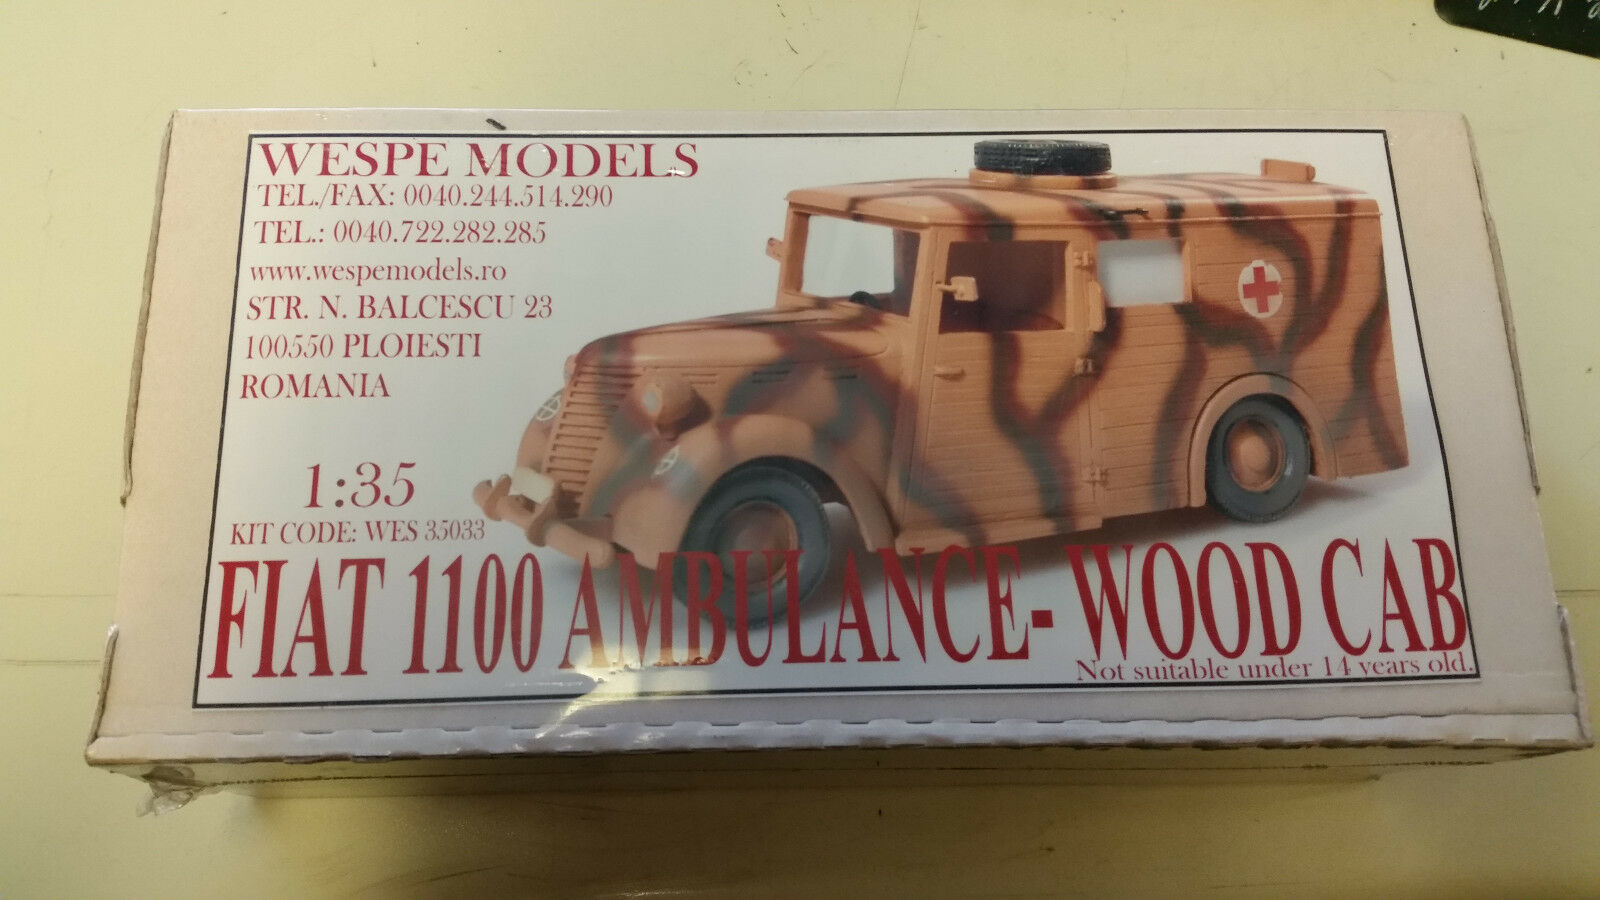 el mas reciente Flat 1100 1100 1100 Ambulance Wood CAB avispa resin models 1 35 Wes 35033  oferta especial